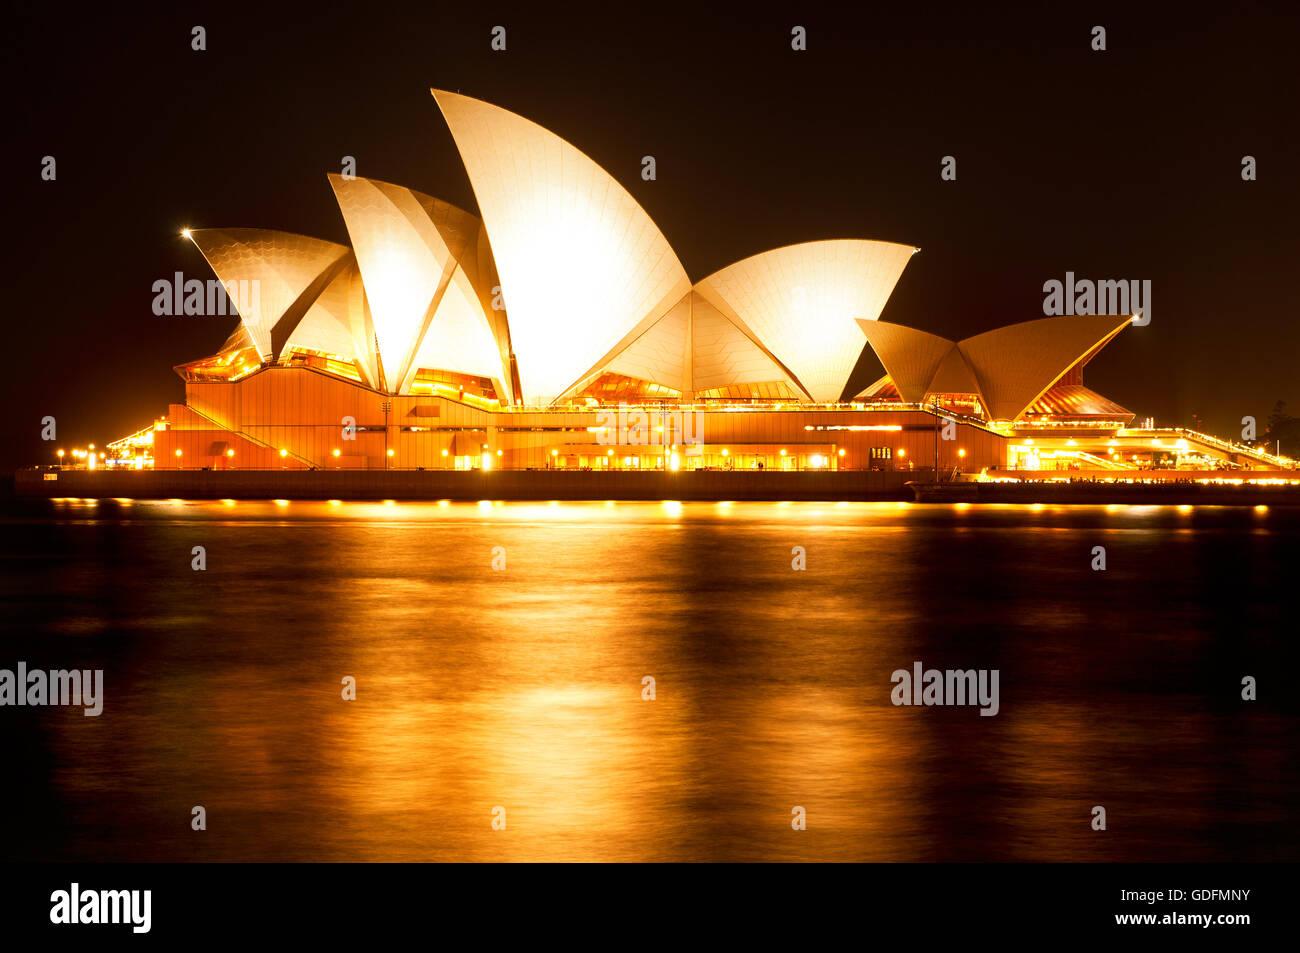 Beleuchtete Sydney Opera House spiegelt sich im Wasser des Hafens. Stockfoto